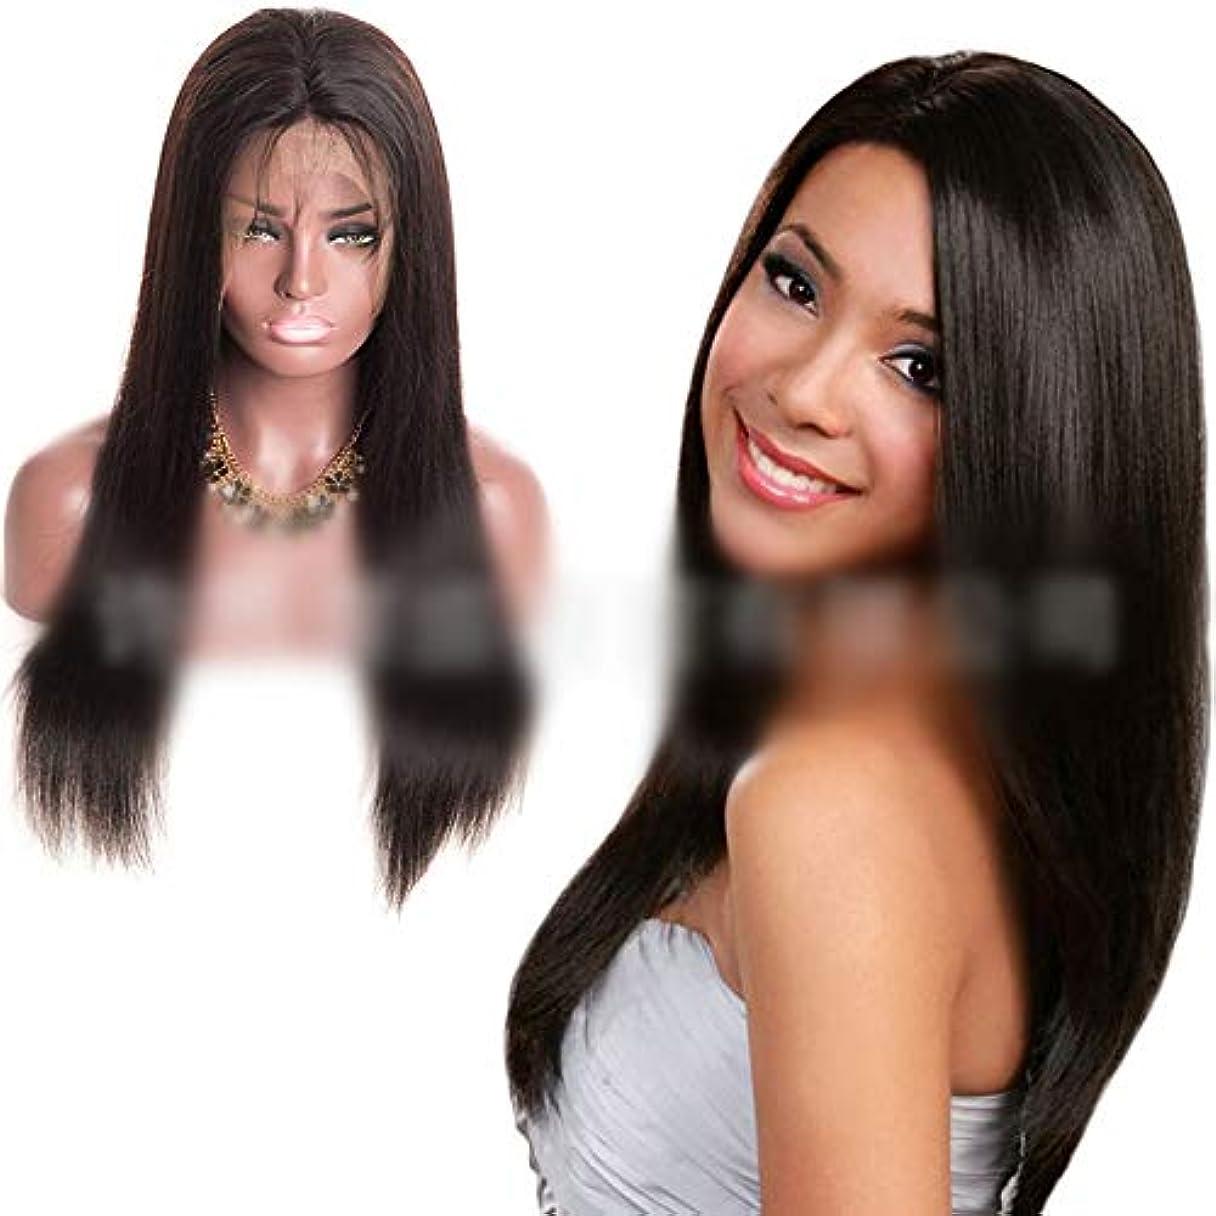 迷彩威信腫瘍WASAIO ナチュラルカラー手織り長い曲がっていない髪型トータルアクセサリースタイル交換用レースフロント人間のかつら女性8